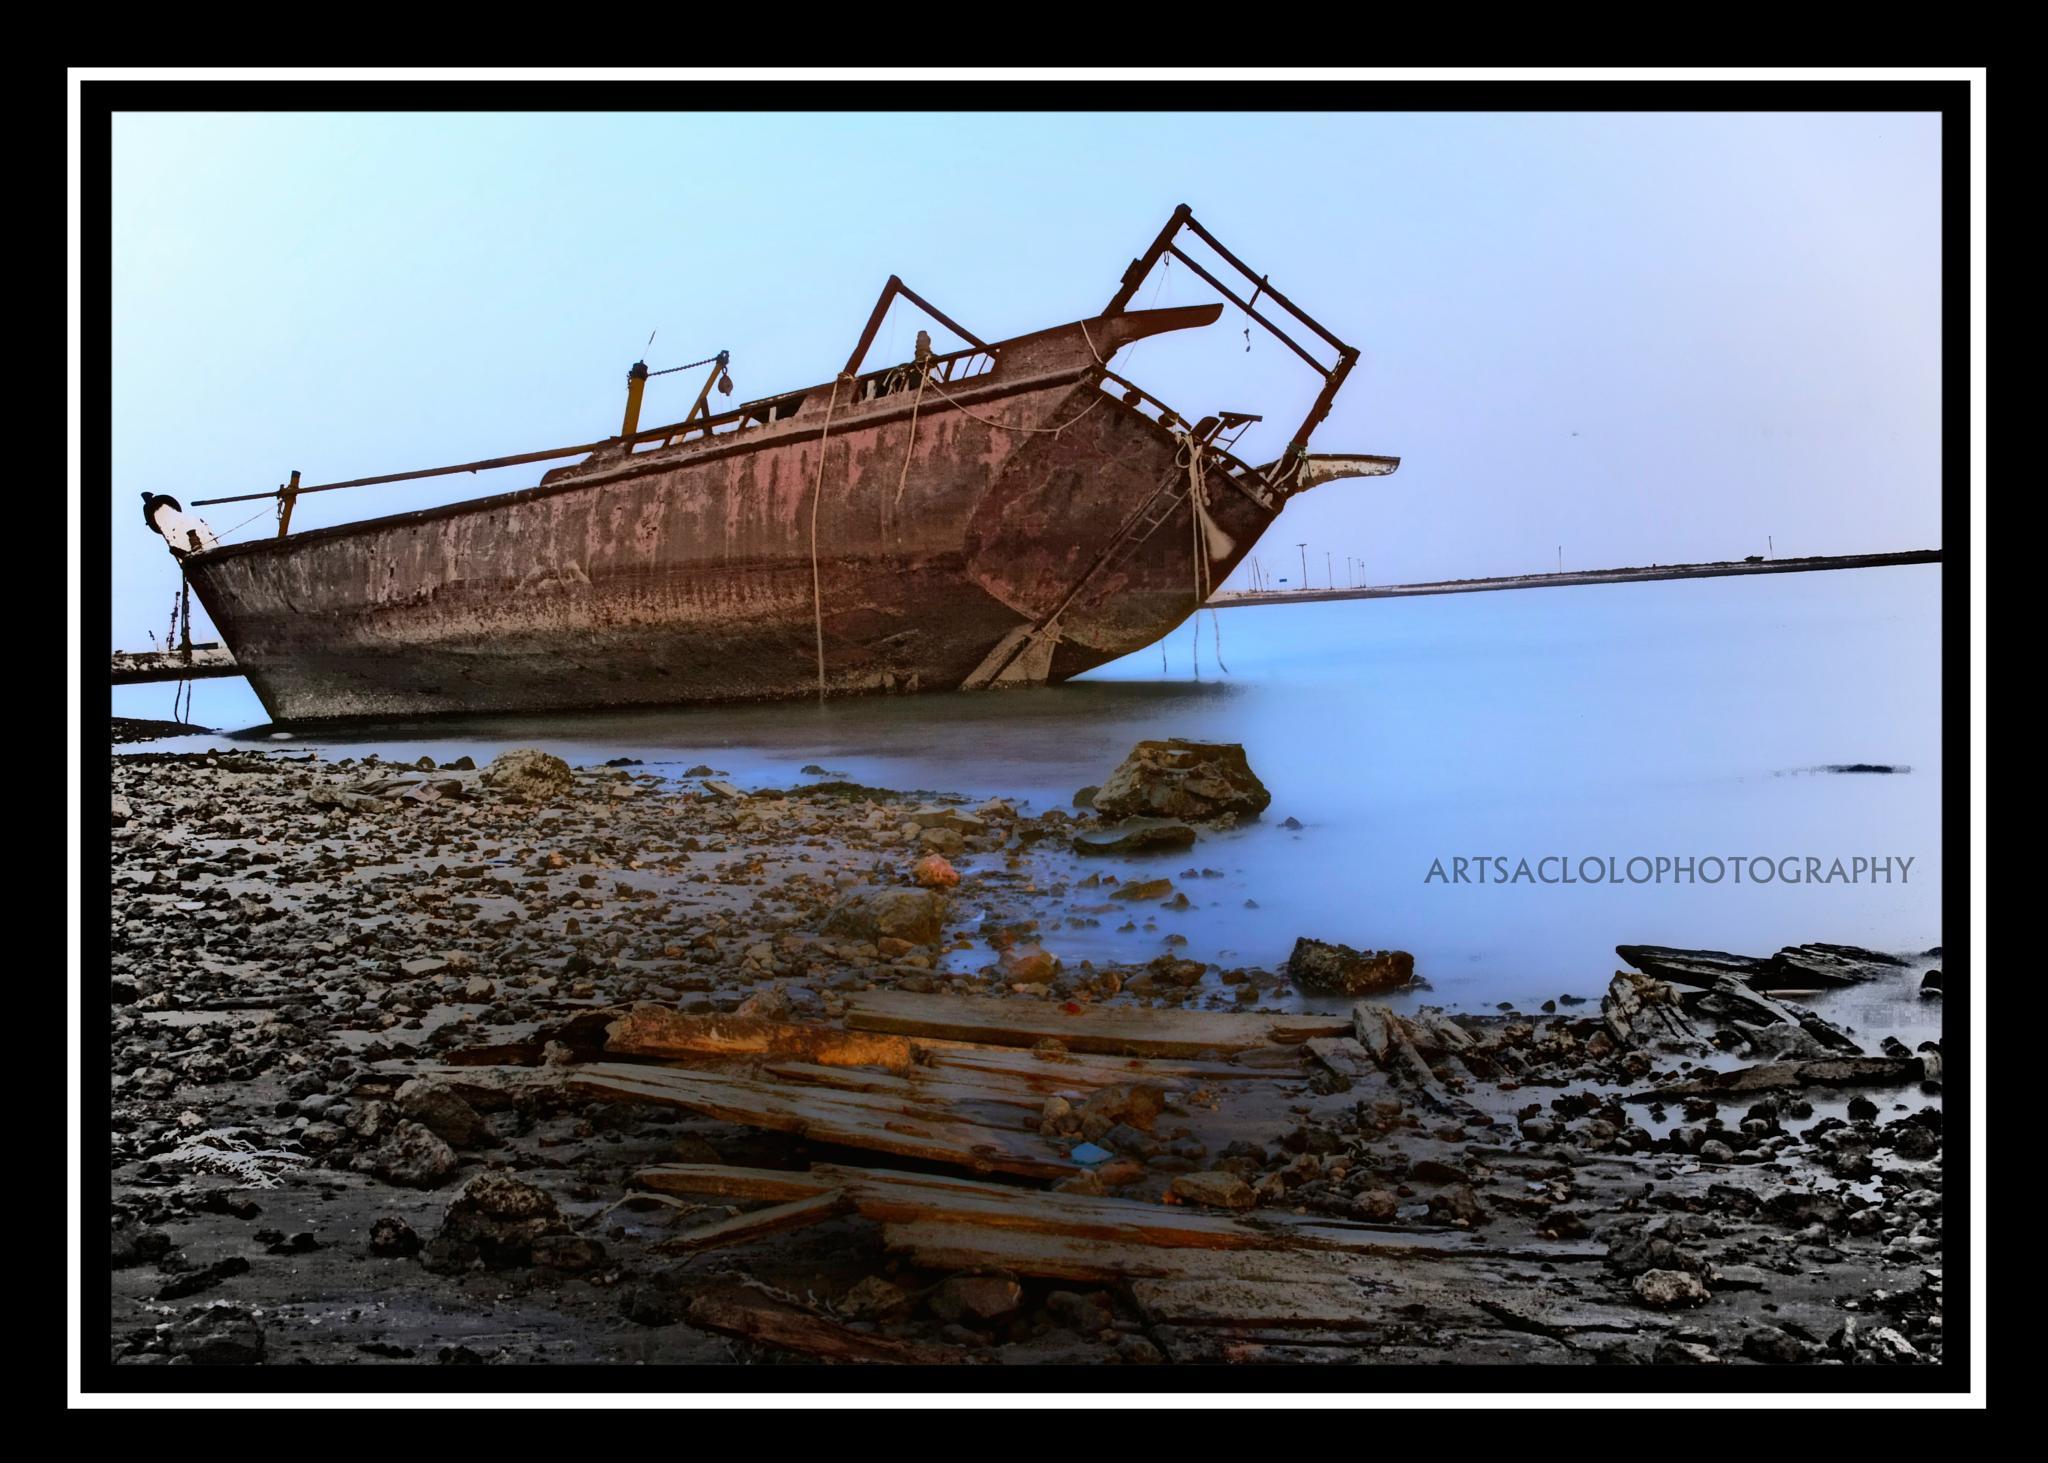 ABANDONED SHIP by arthurlsaclolo